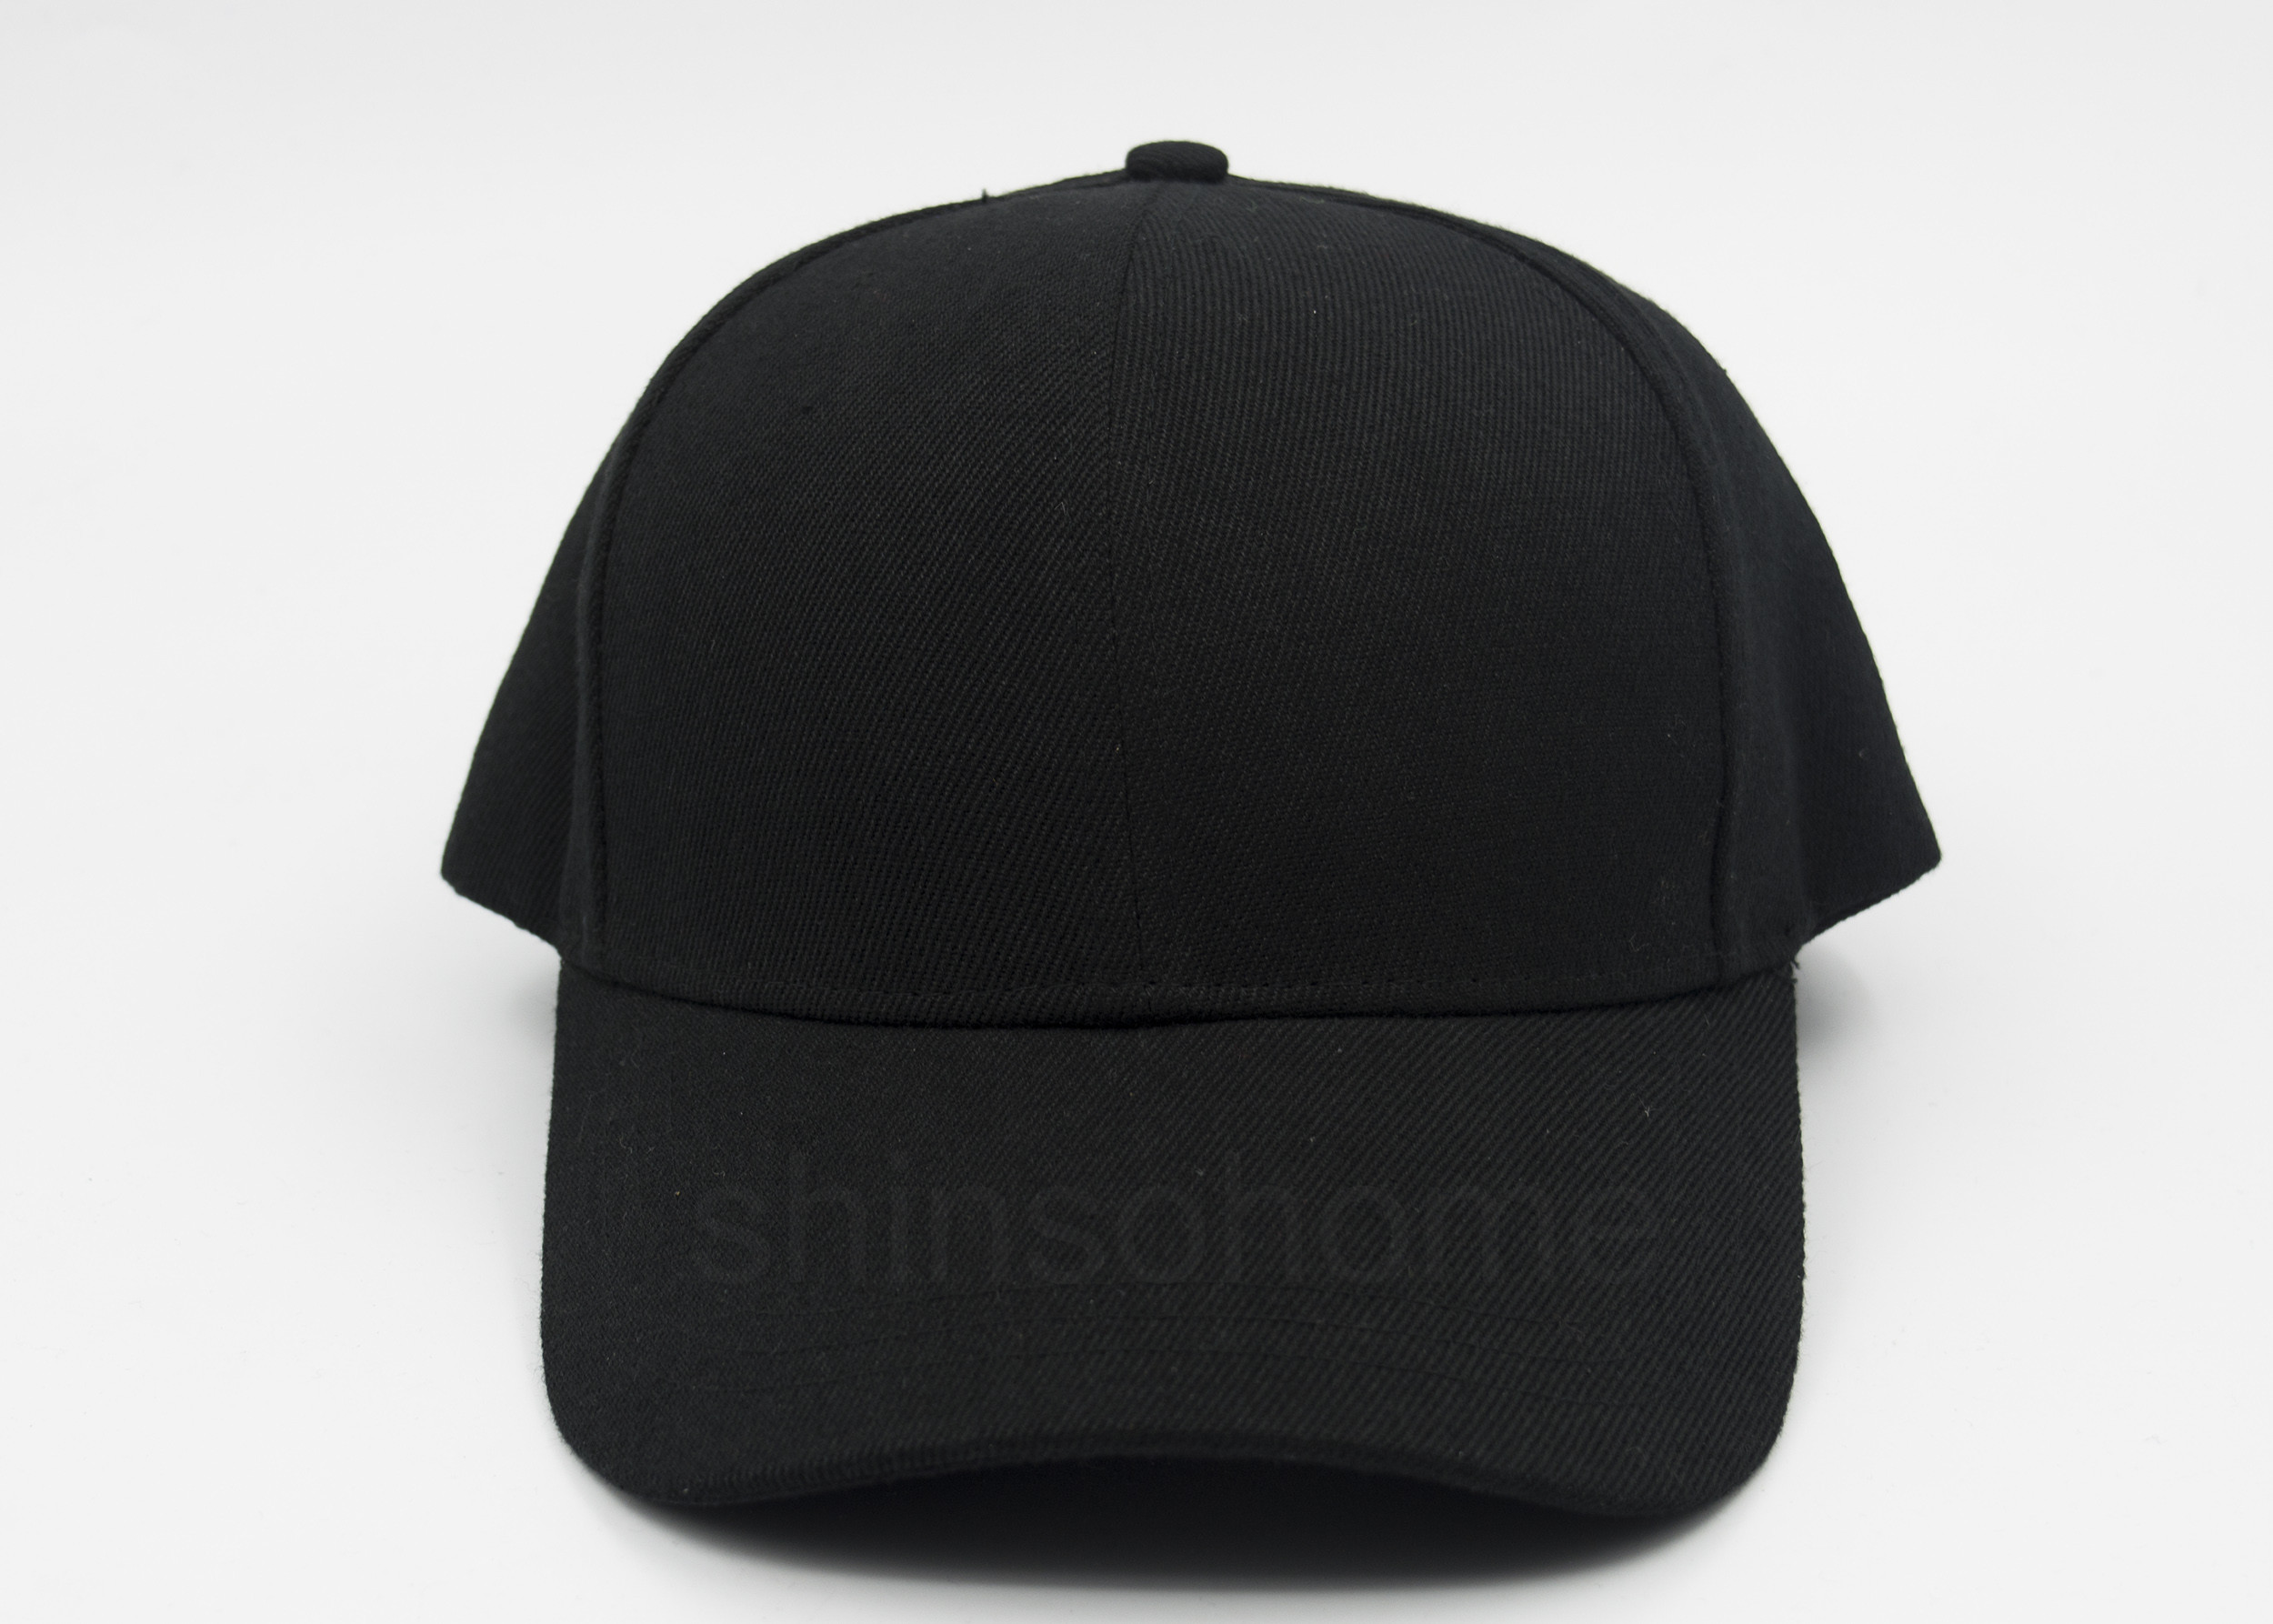 Plain Black Hat 9 Cool Hd Wallpaper Hdblackwallpaper Com